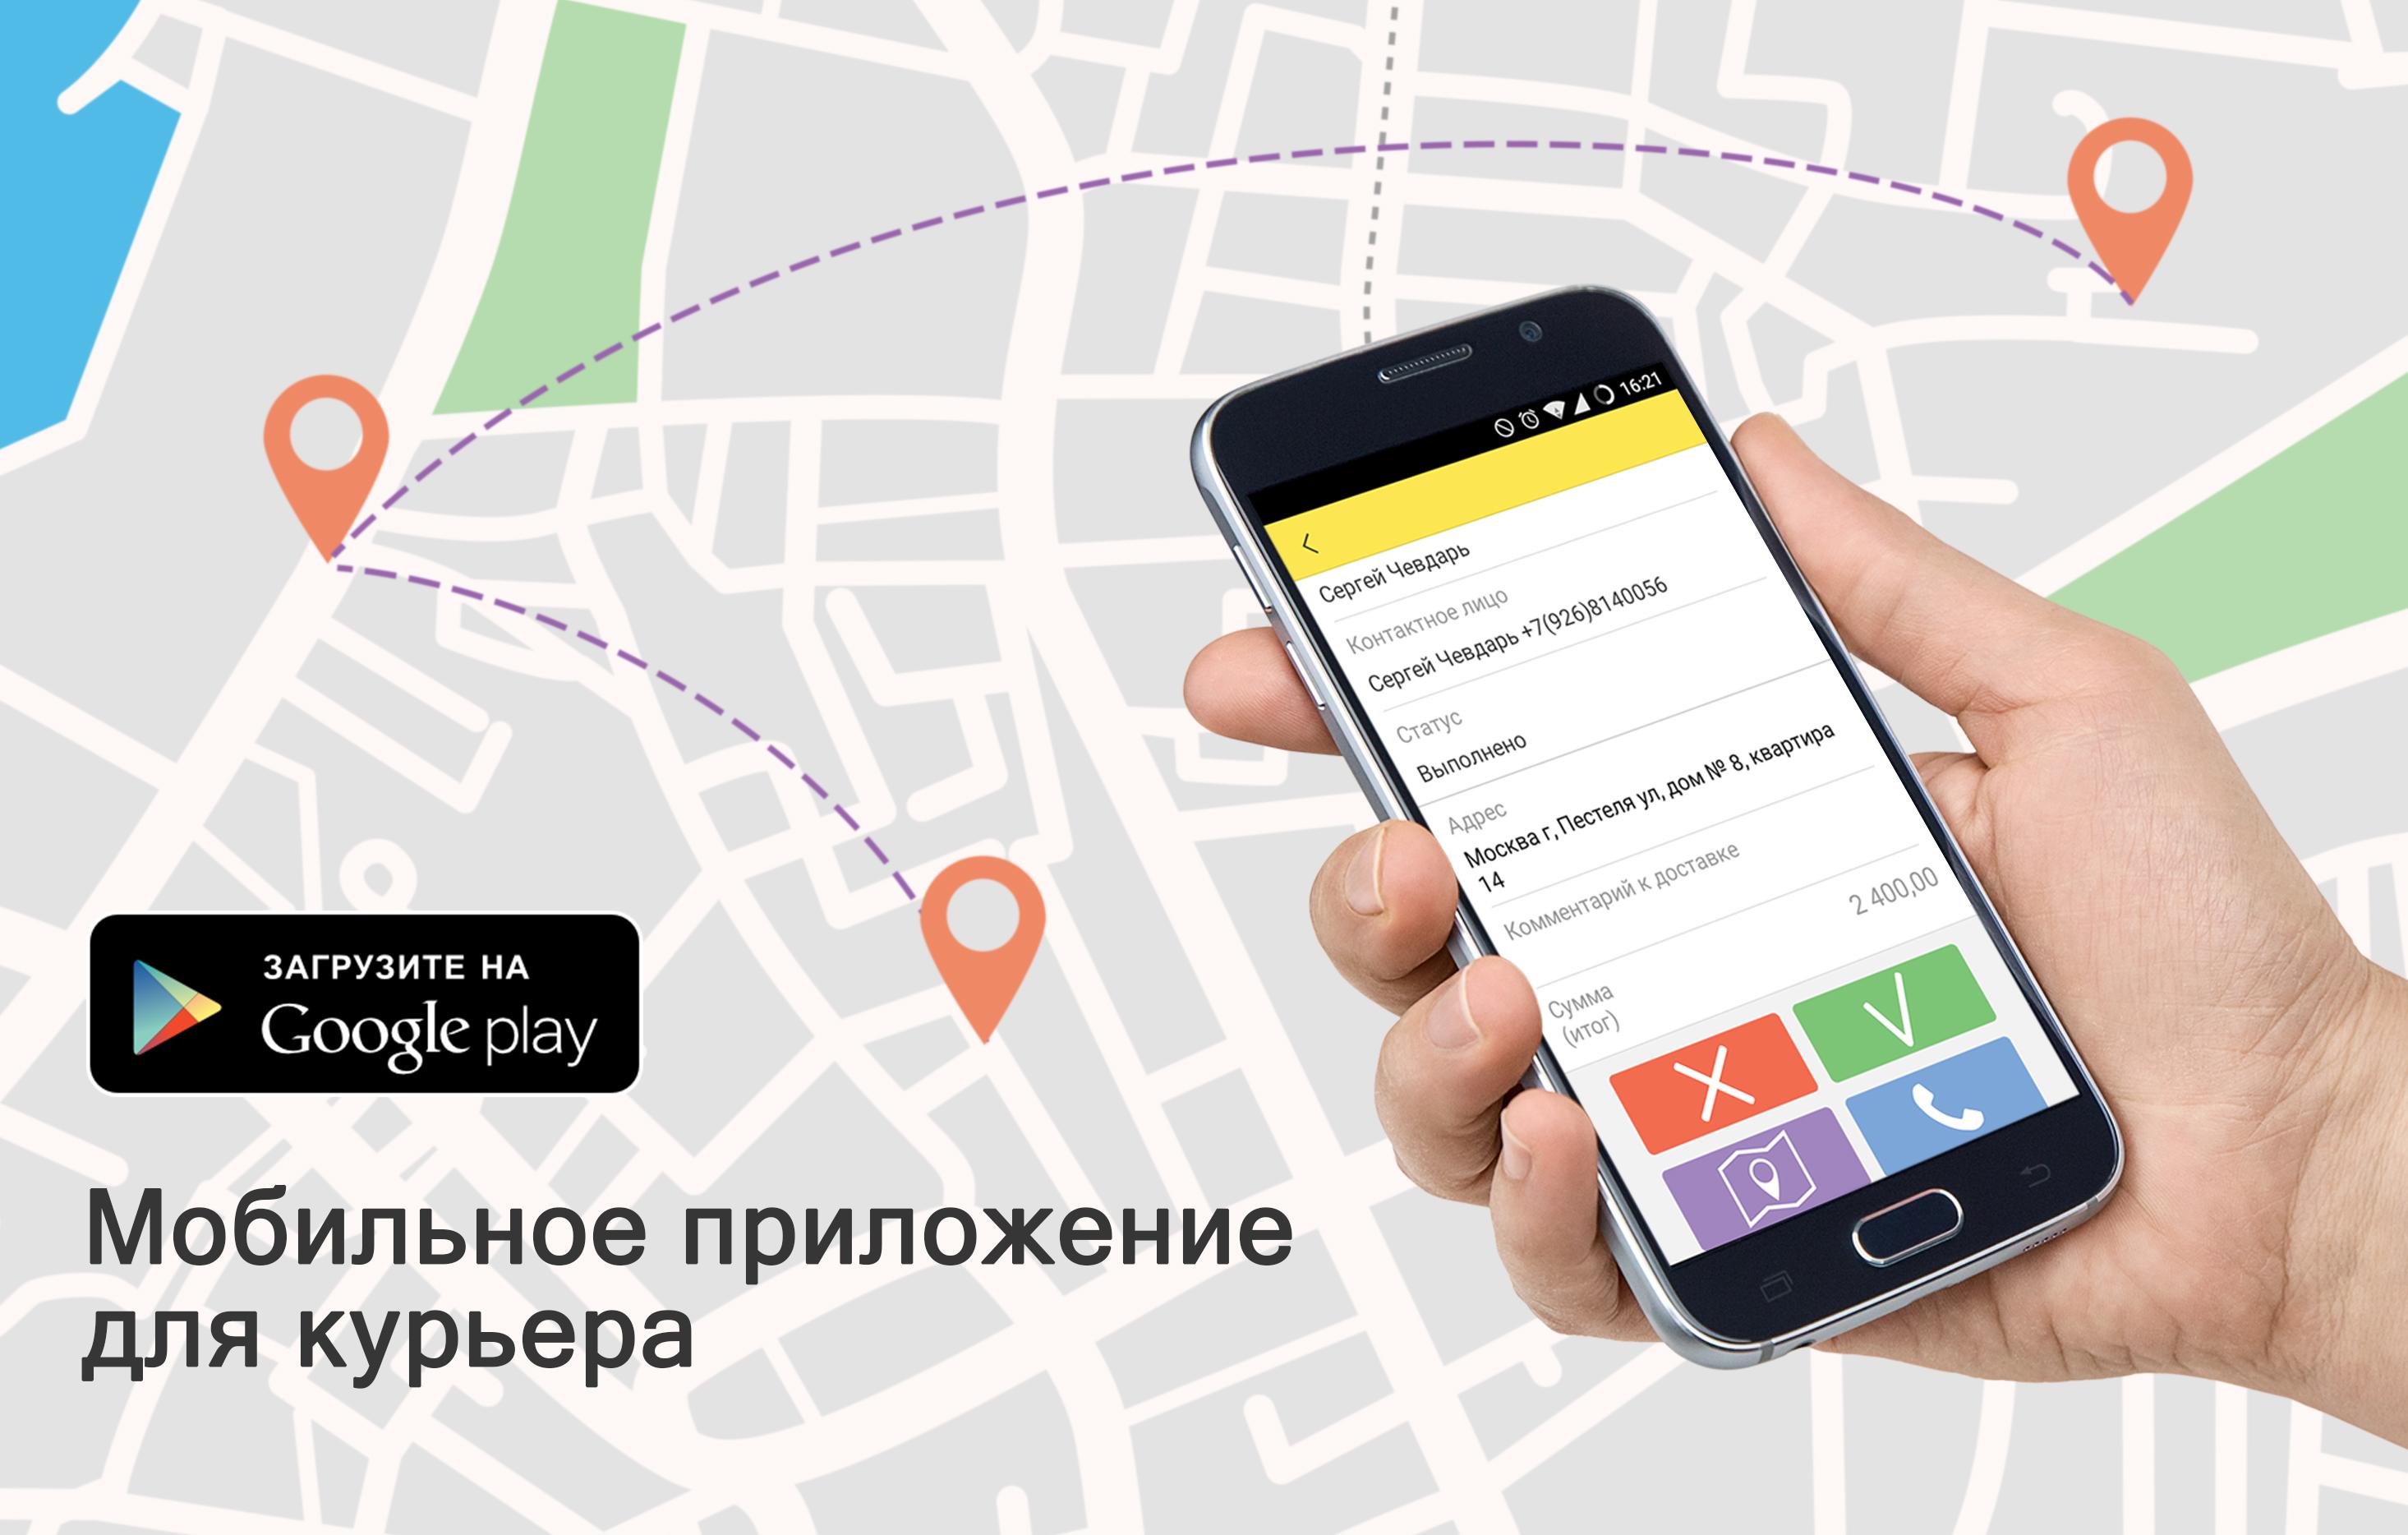 Мегалогист: мобильное приложение для курьера